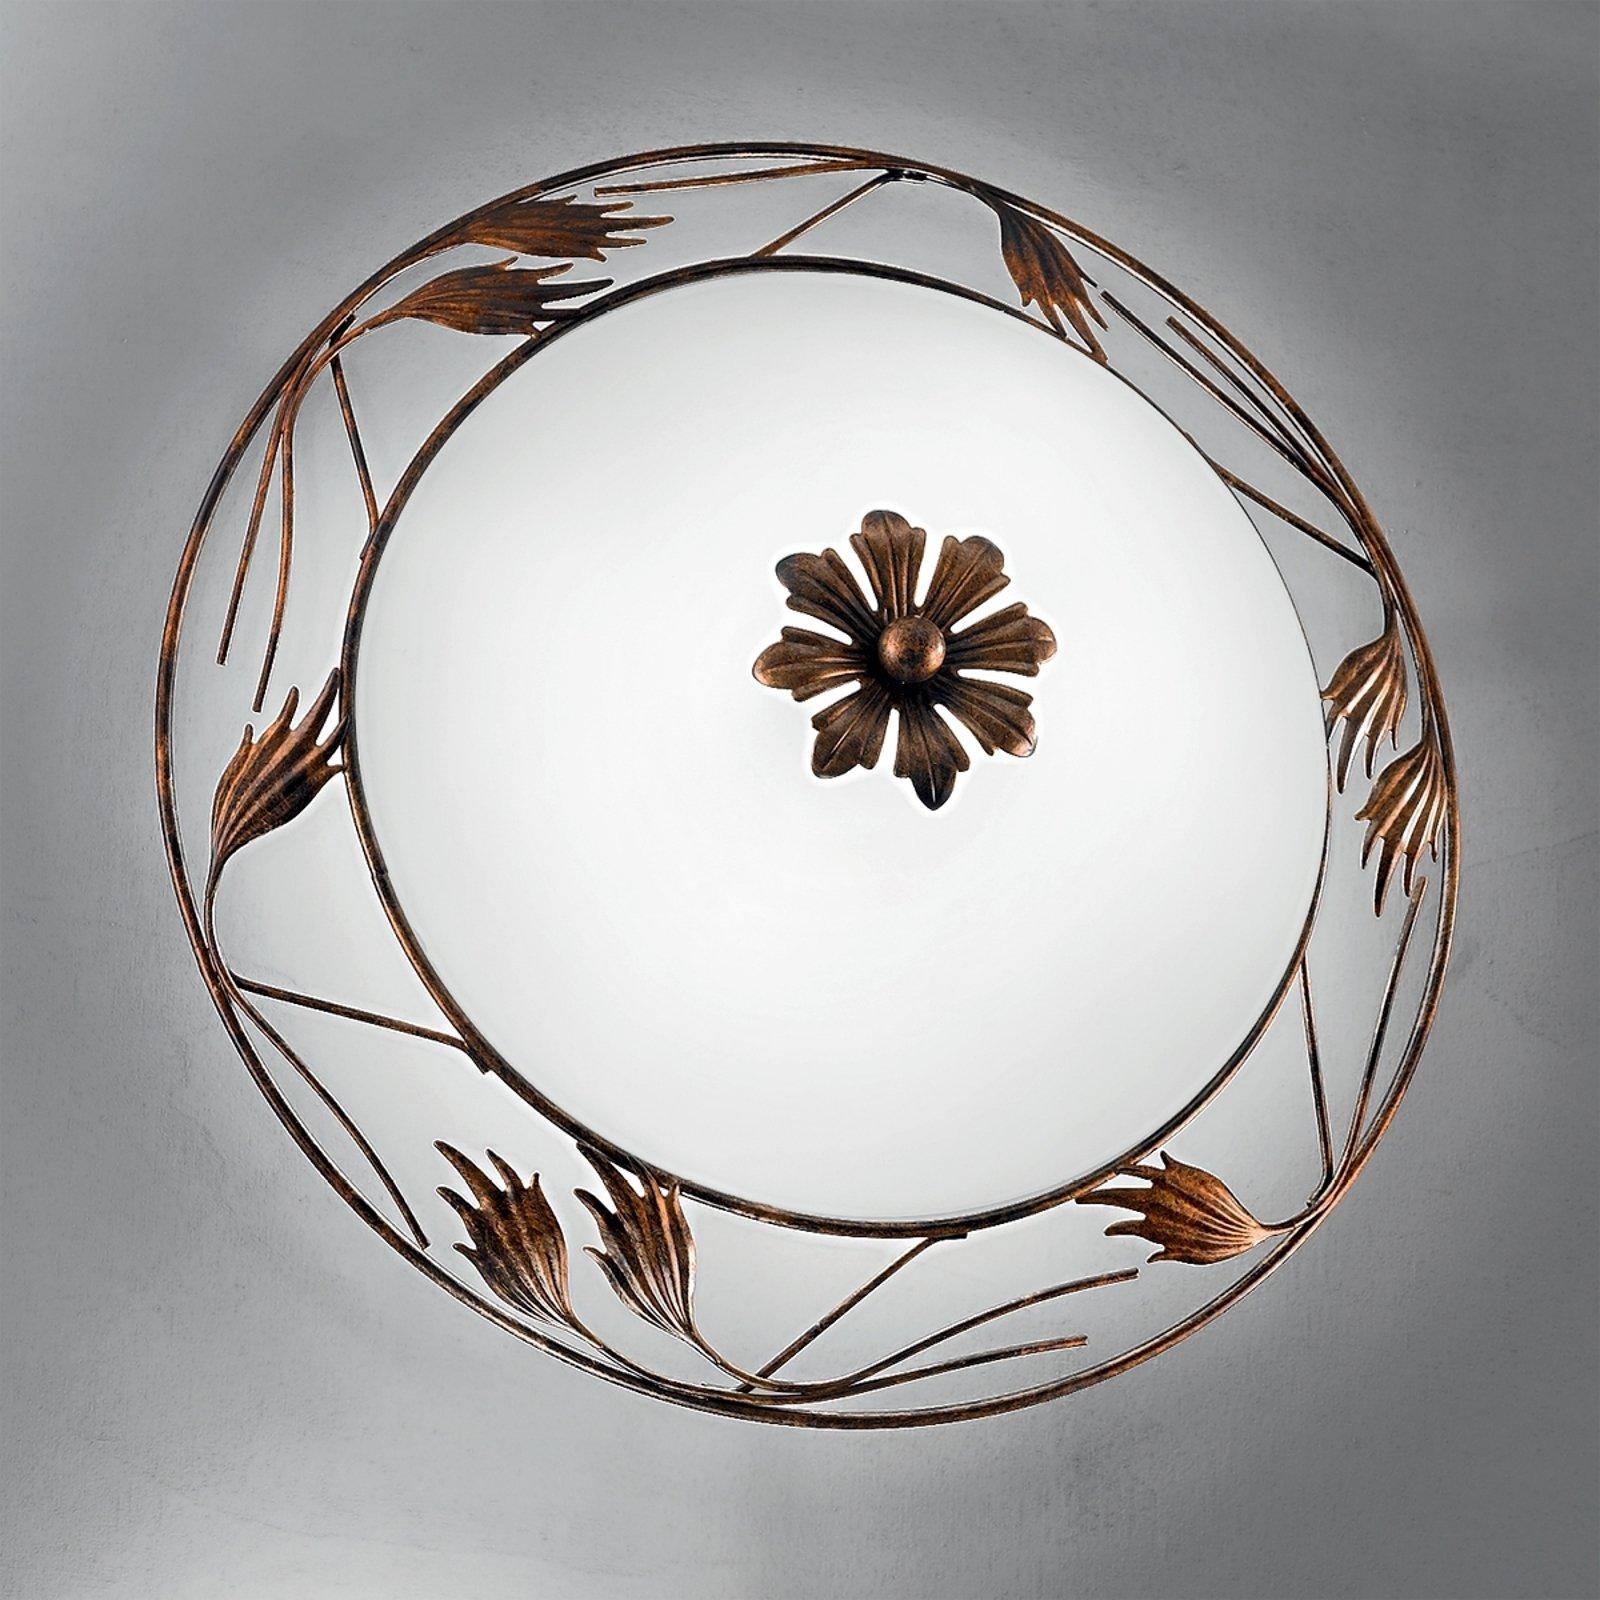 AROSA taklampe i herregårdsstil 40 cm